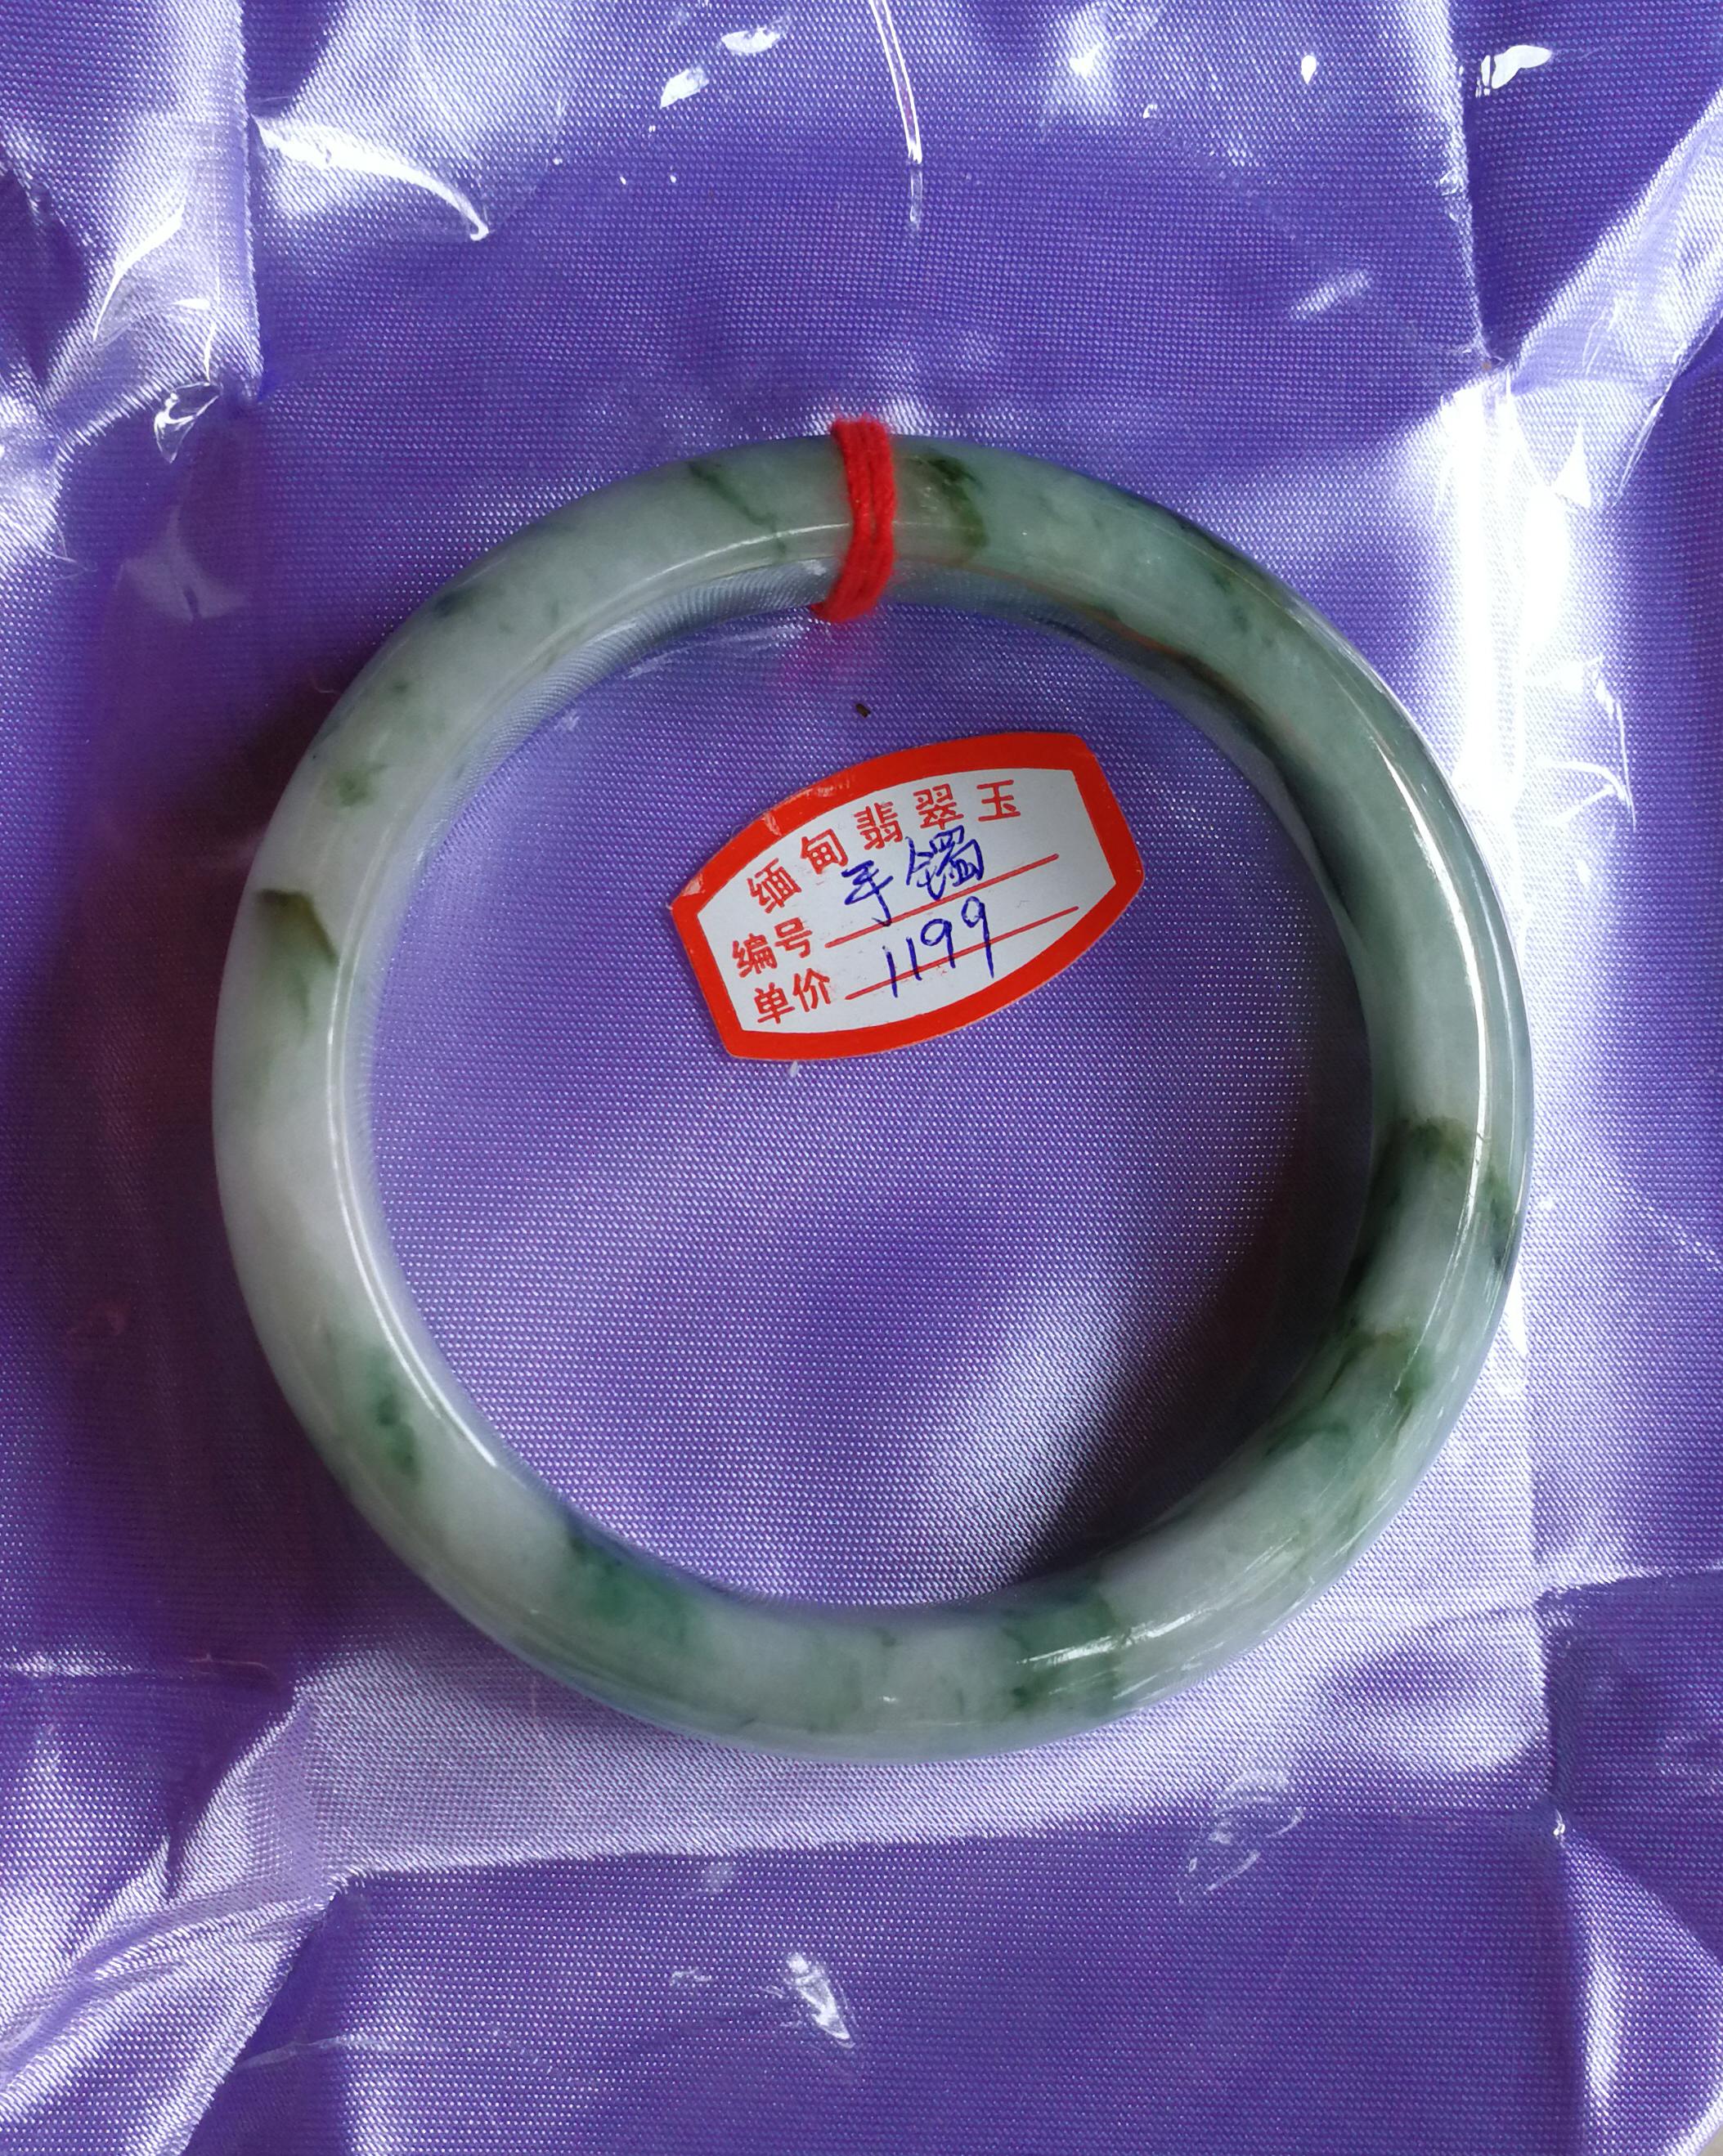 一些翡翠手镯  玉器挂件 过年了便宜促 - 邓州门户网|邓州网 - IMG_20190118_142703.jpg